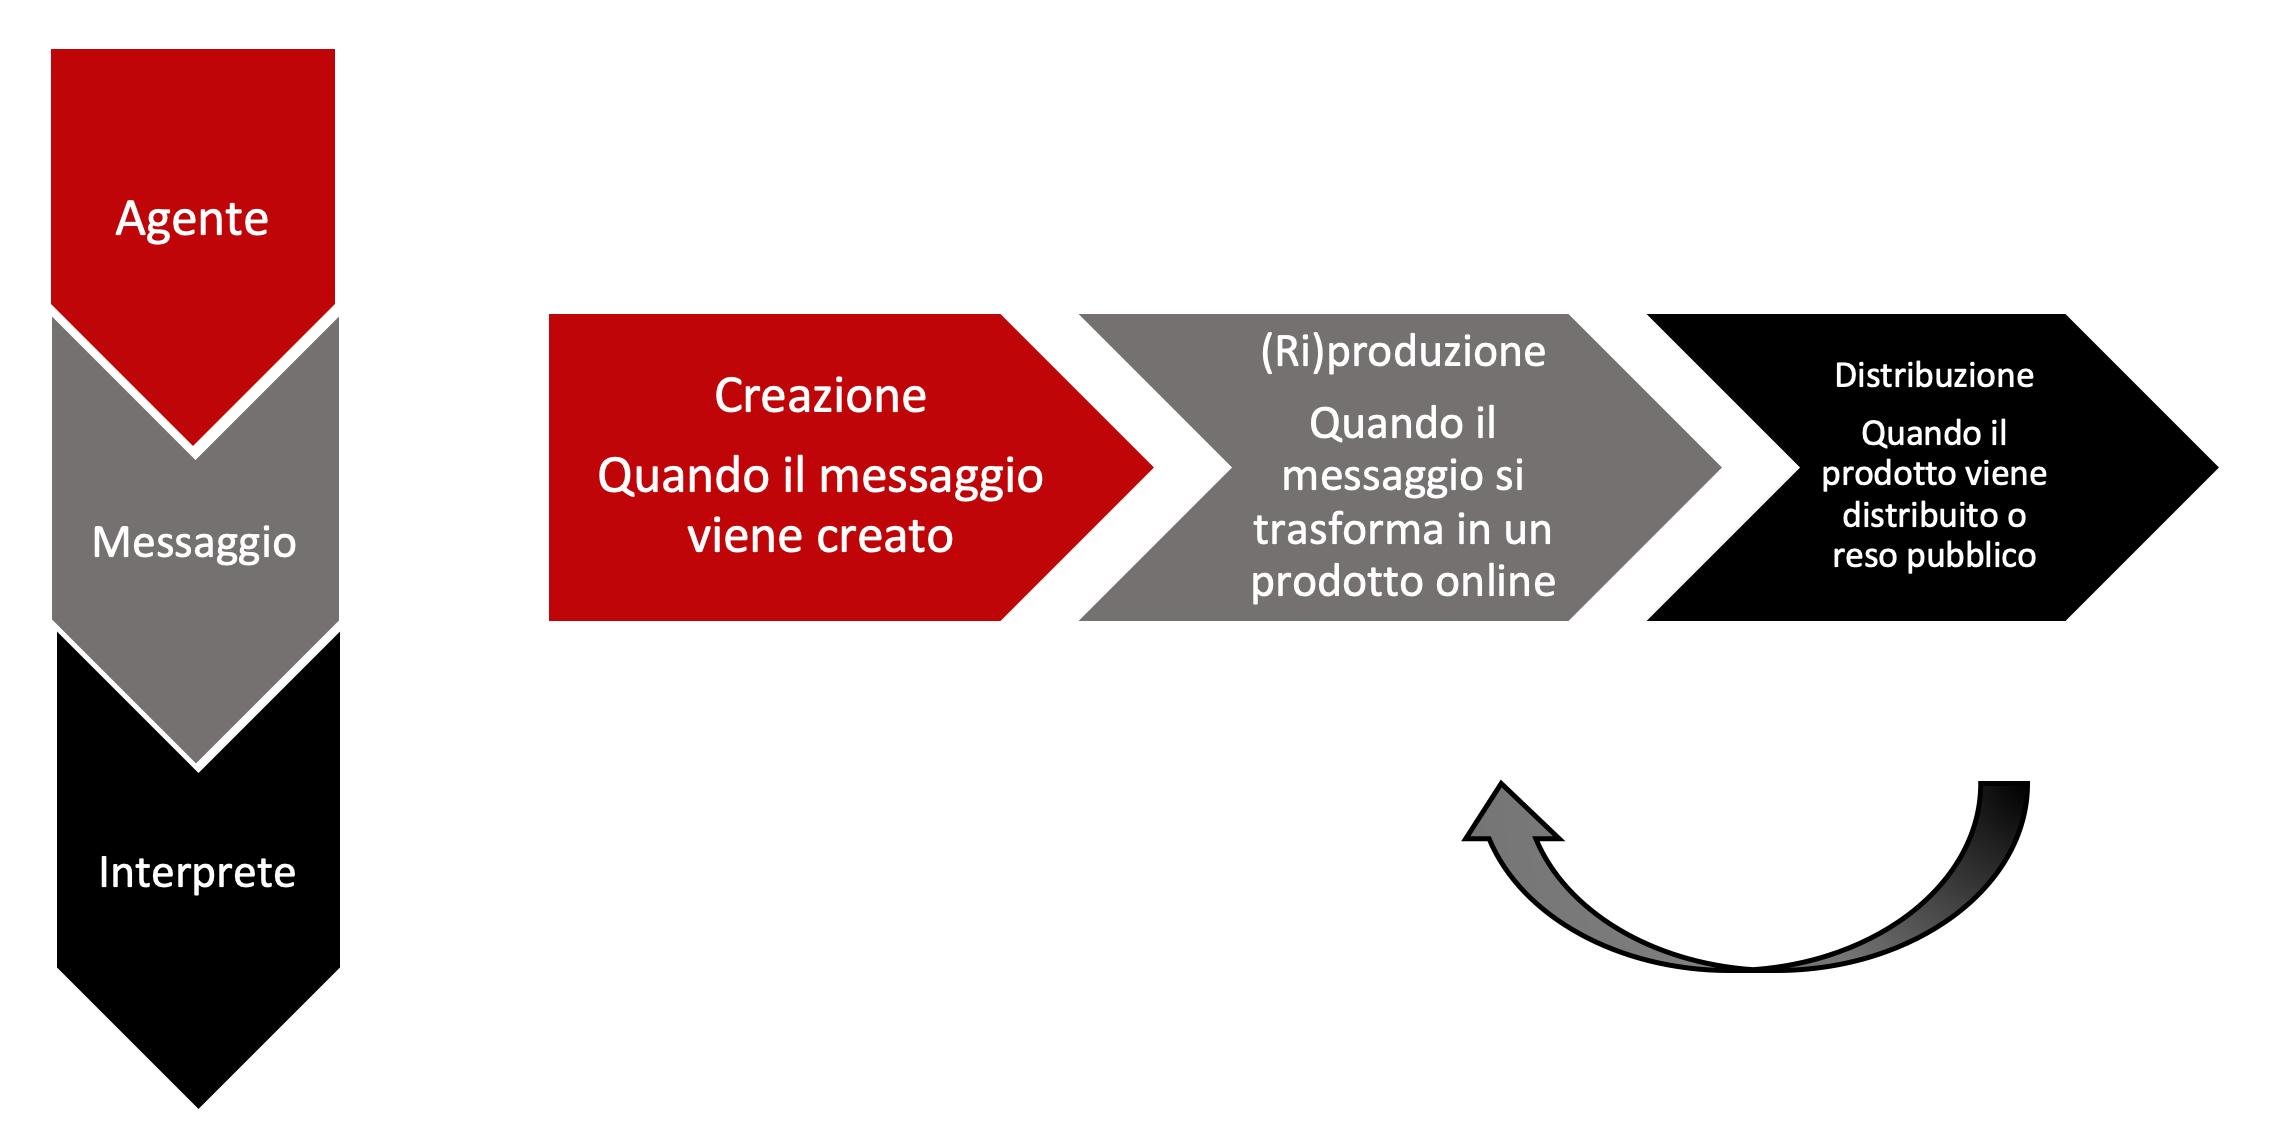 Grafico delle fasi del disturbo dell'informazione